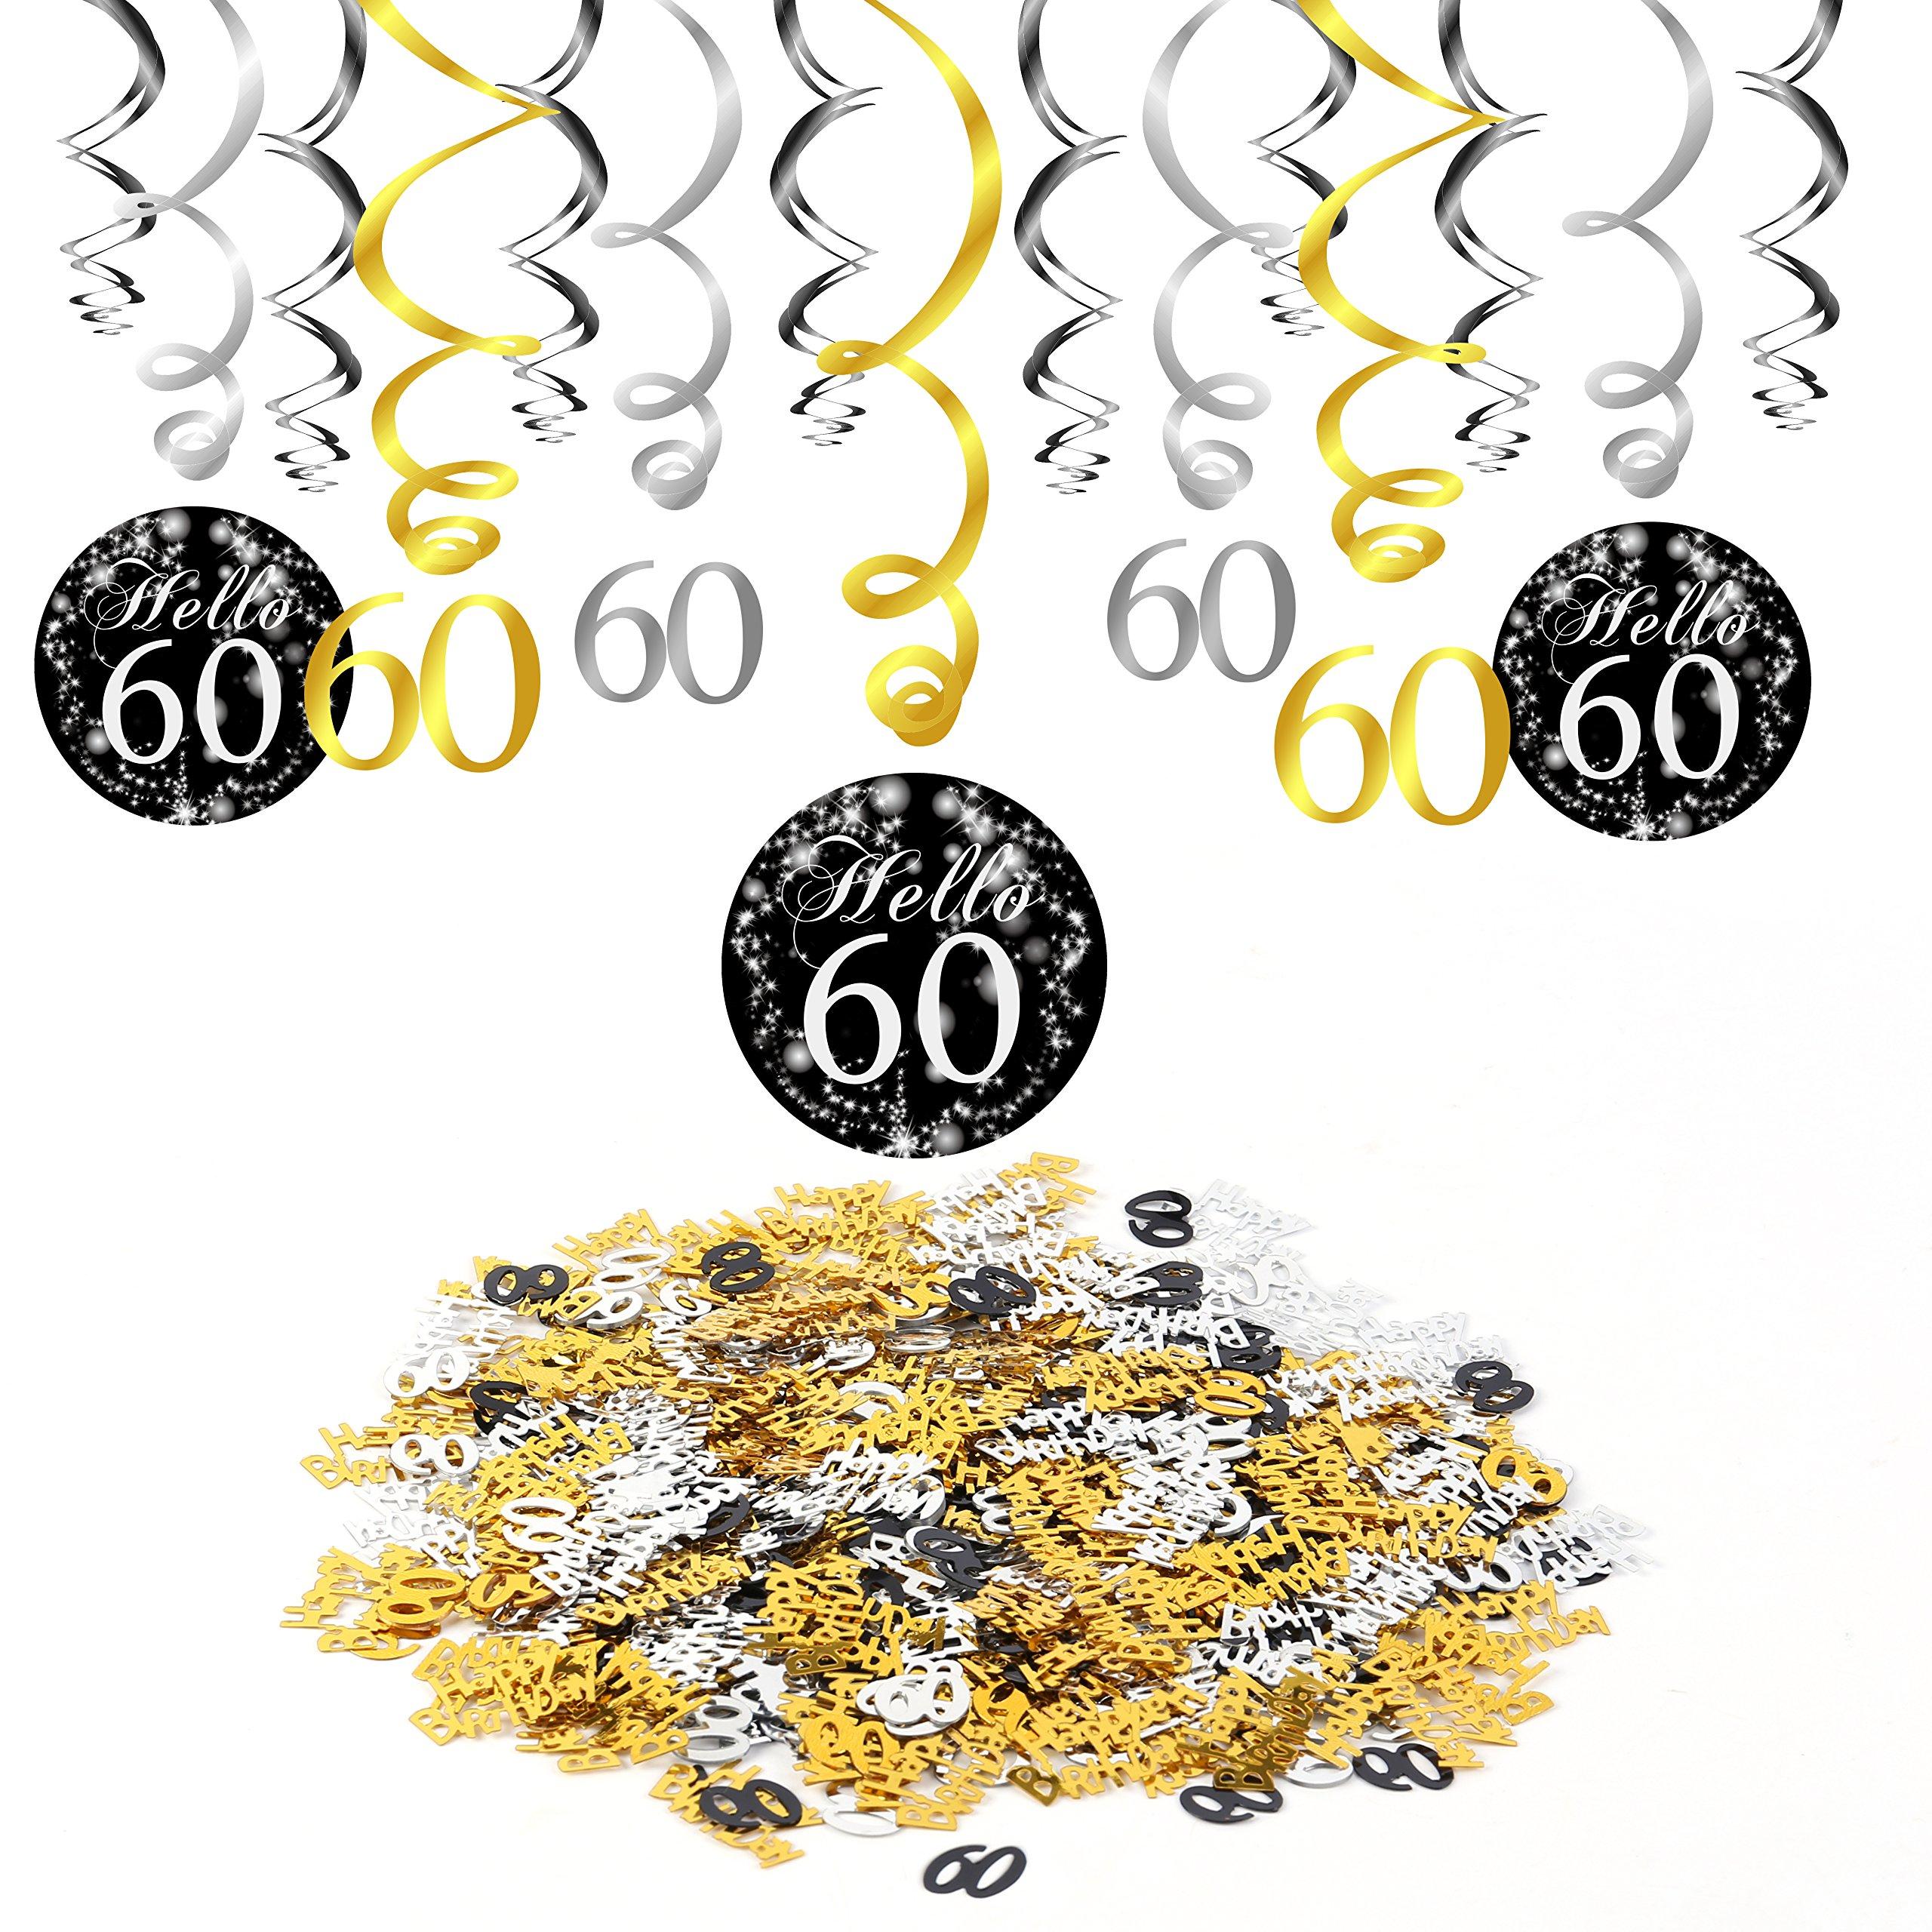 60 anni compleanno decorazione, Konsait nero appeso soffitto spirale decorazione (15 conteggi), buon